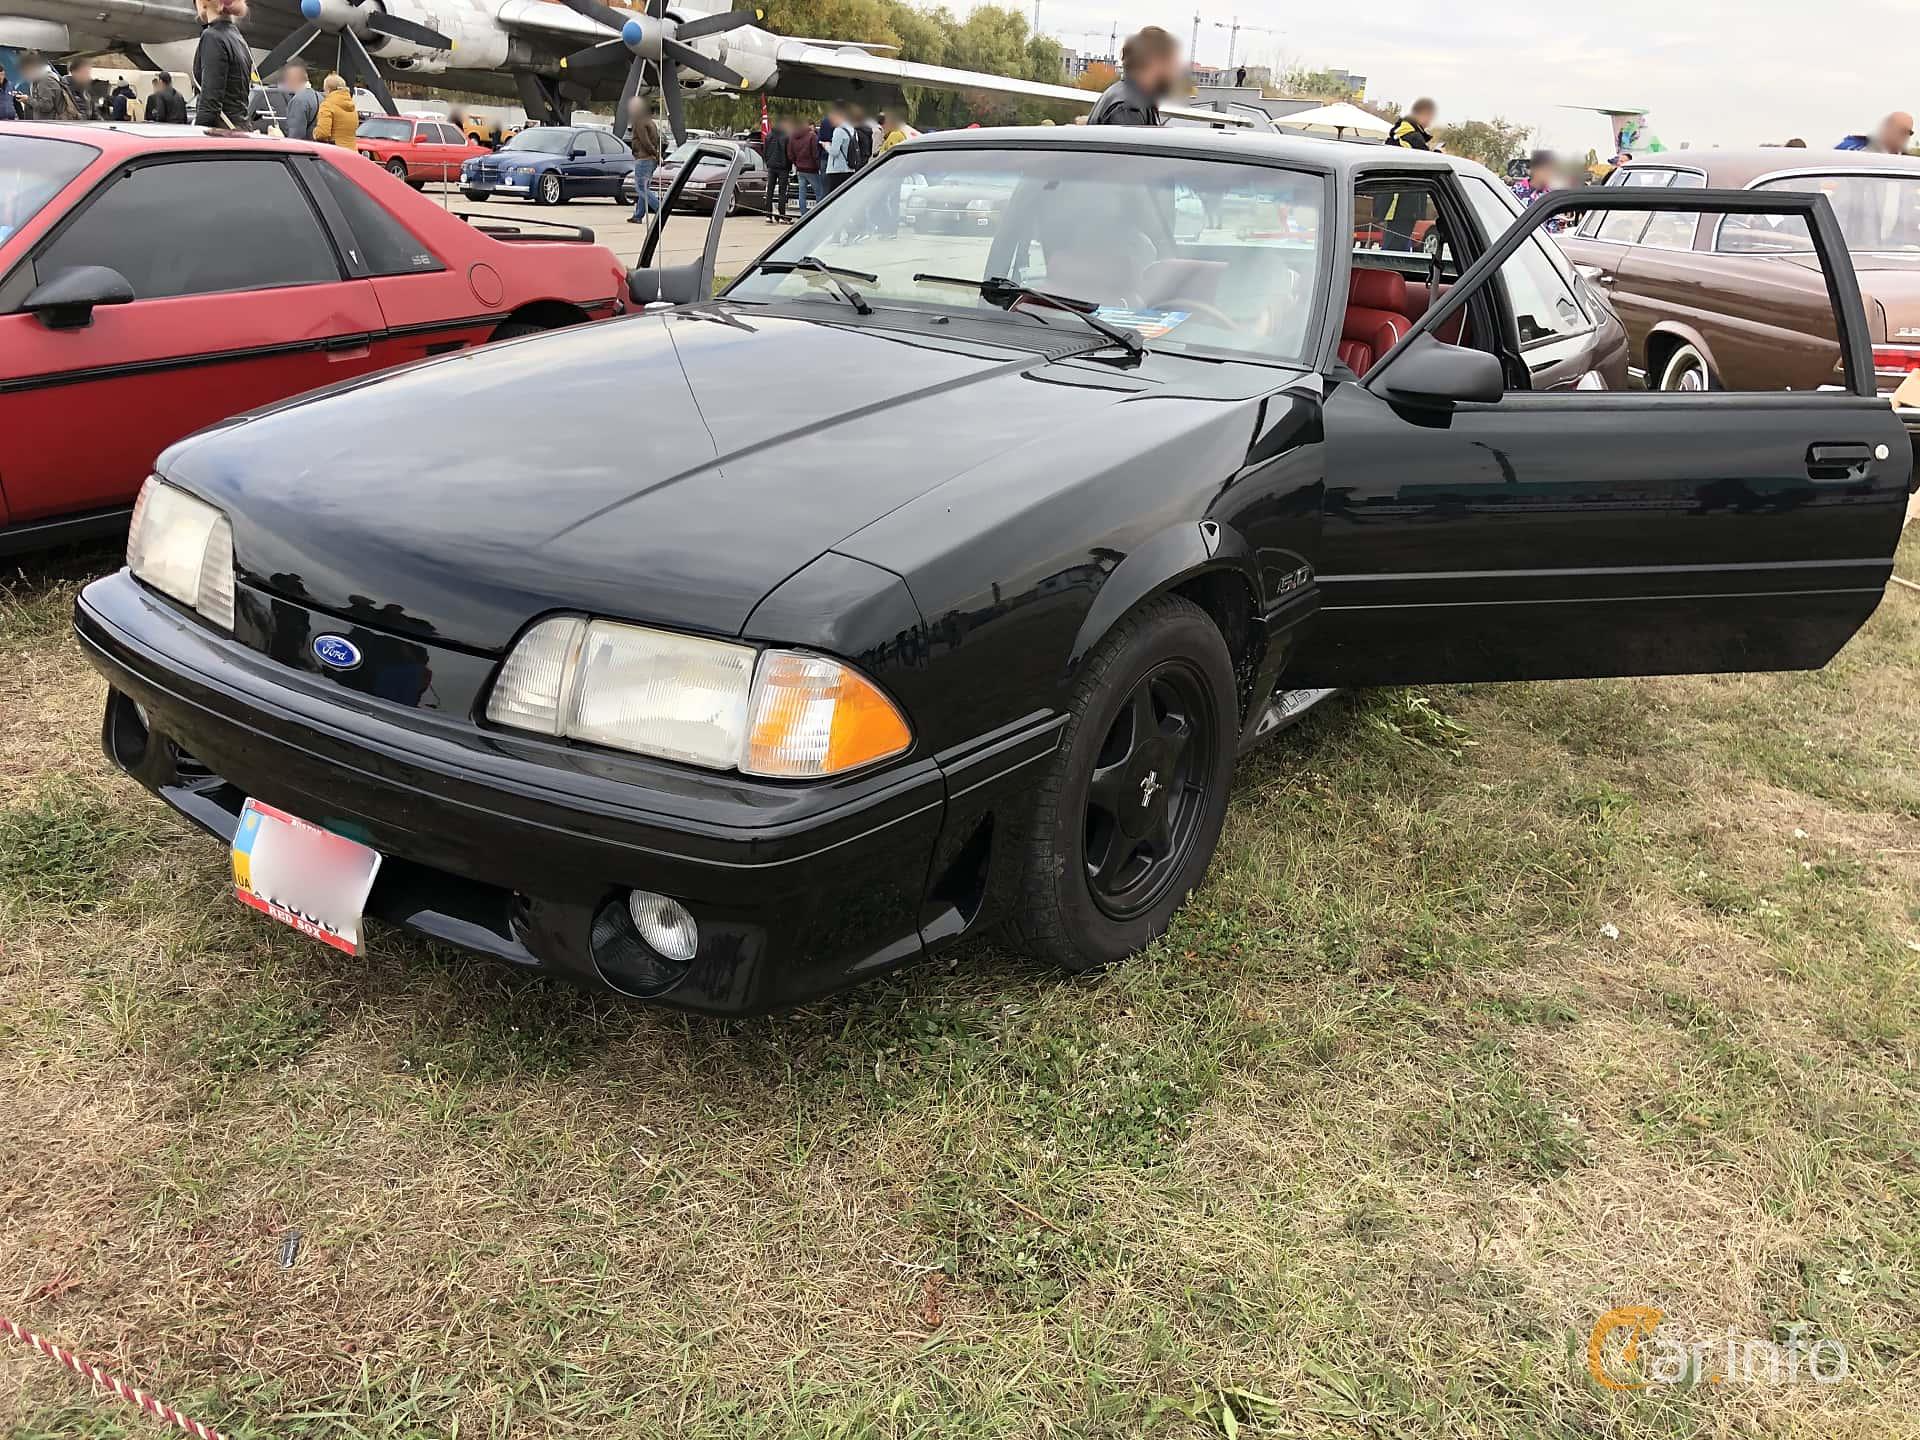 Ford Mustang GT Hatchback 5.0 V8 208hk, 1993 at Old Car Land no.2 2019